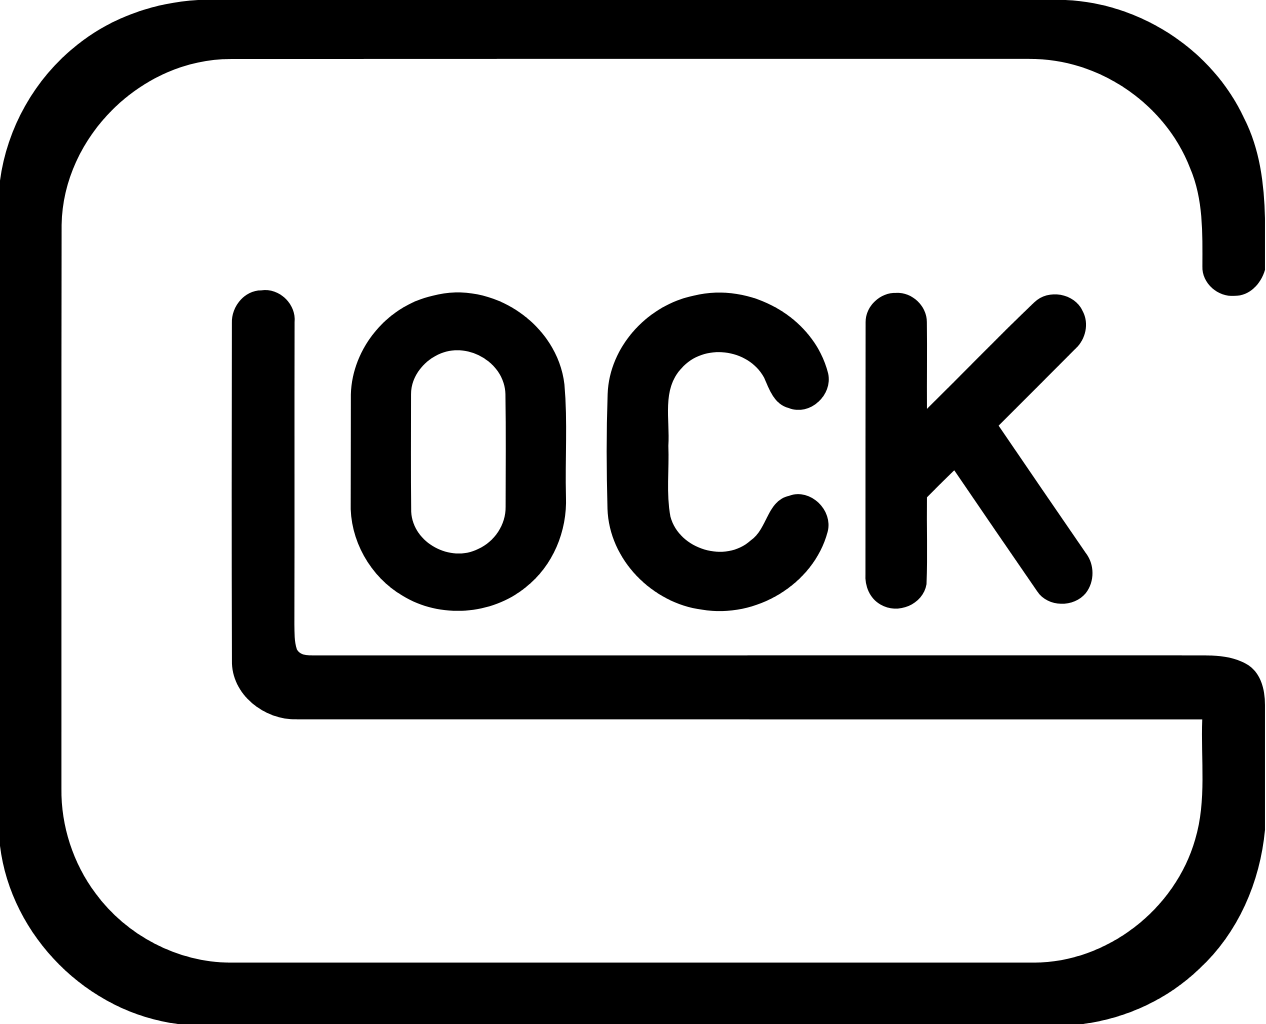 File:Glock logo.svg.